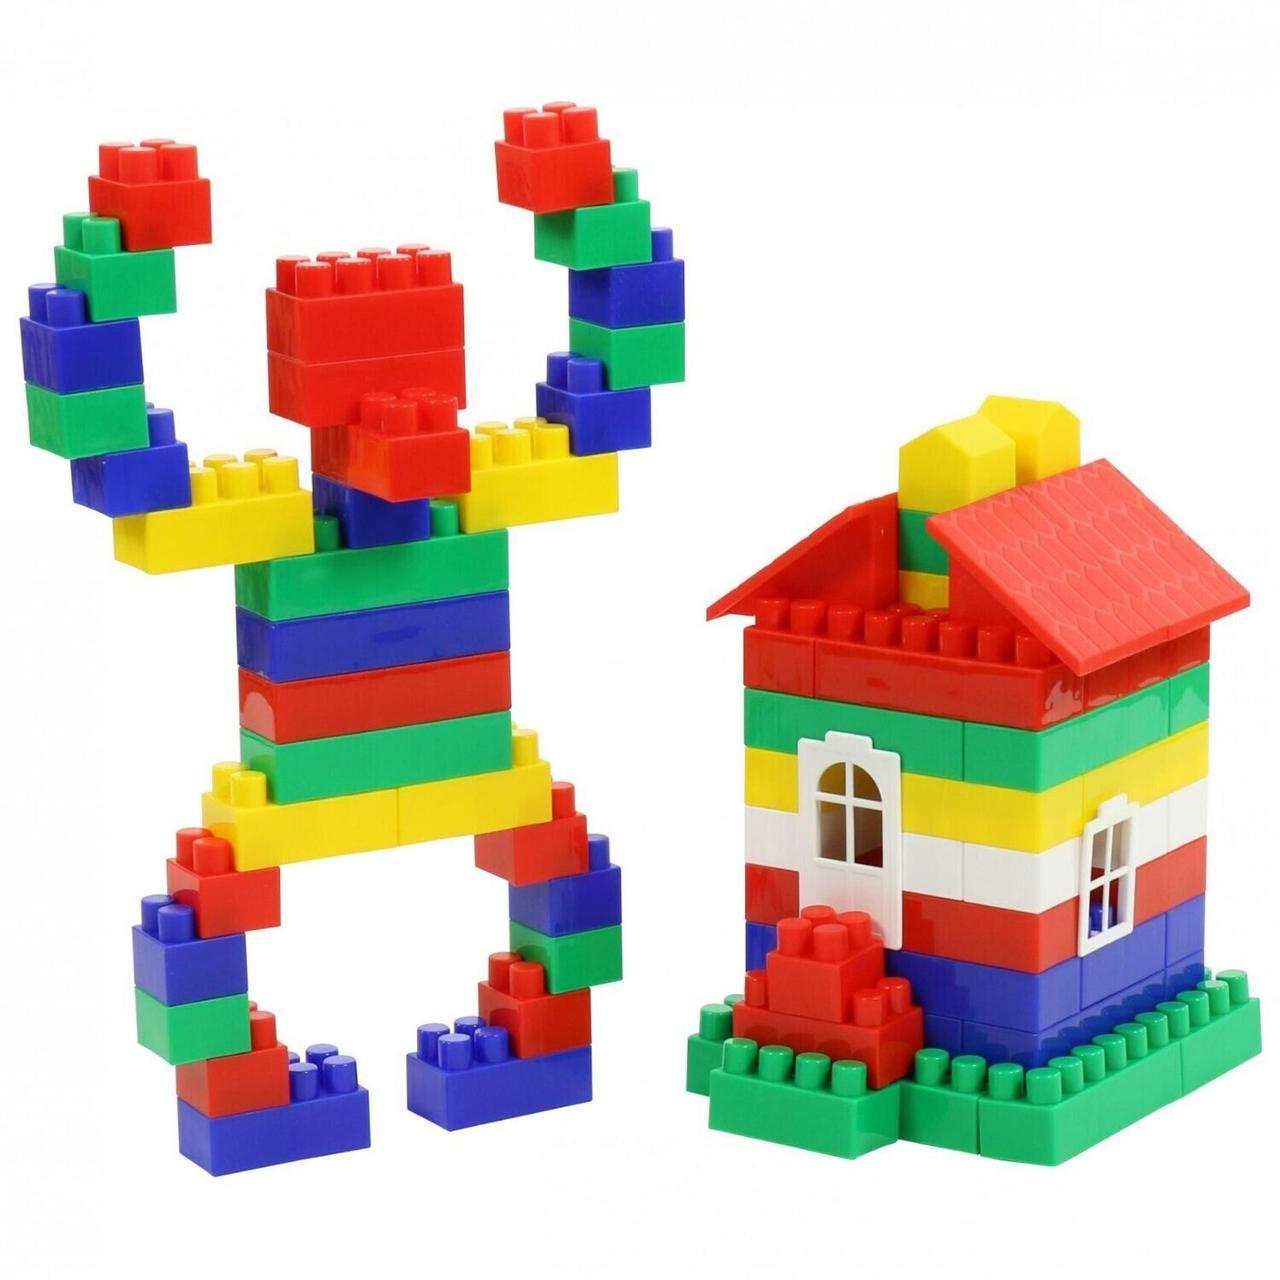 """Конструктор Polesie """"Будівельник гігант"""", 175 елем. в мішку (0569)"""